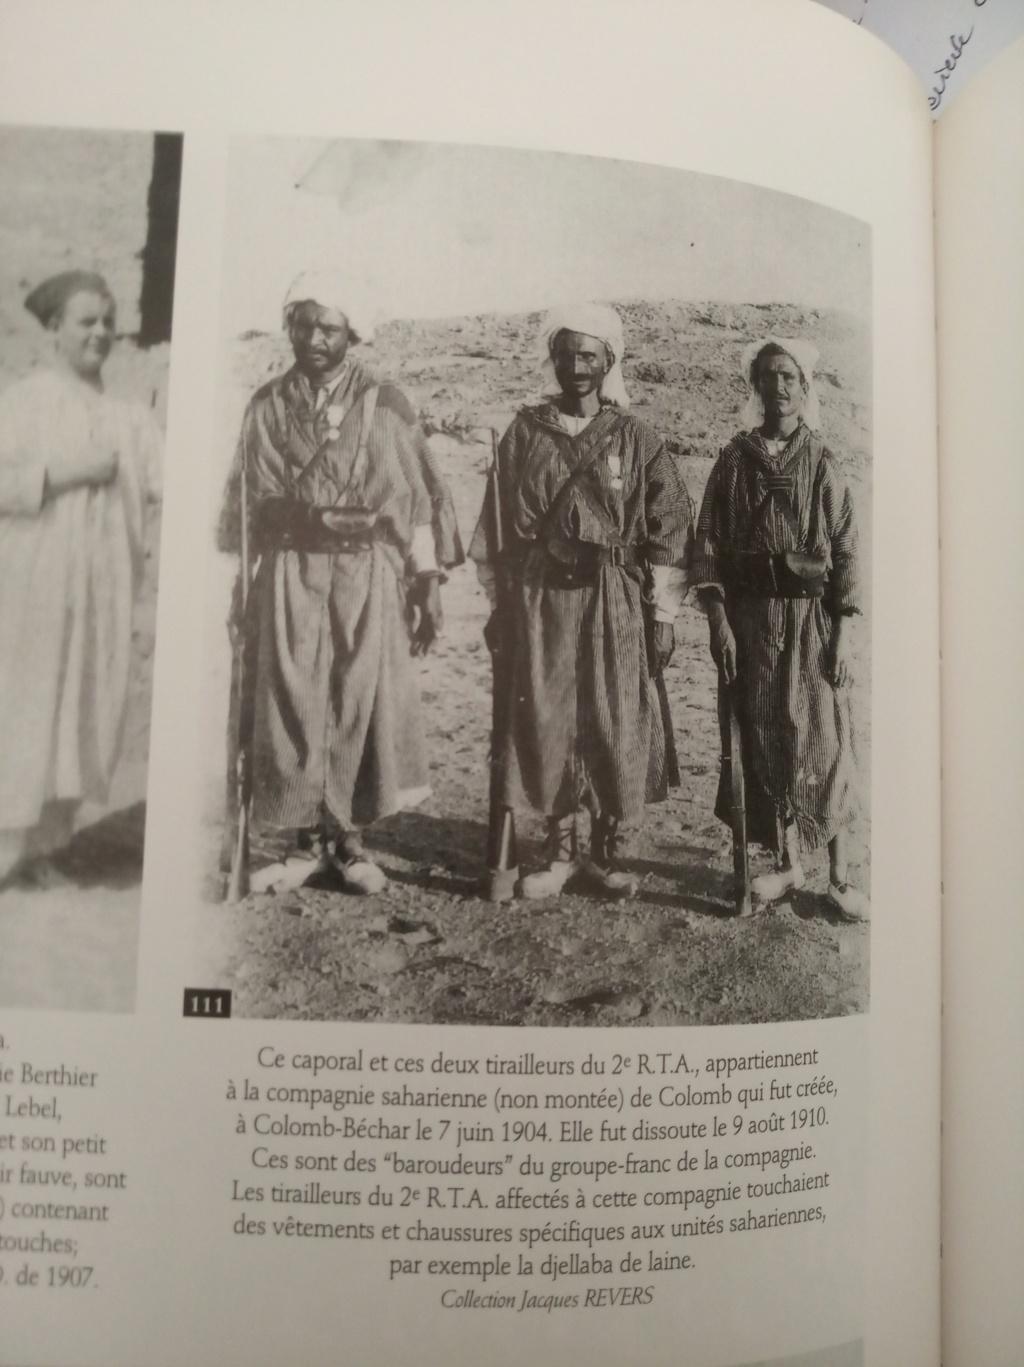 Un groupe franc au Maroc vers 1910-1911 Img_2523